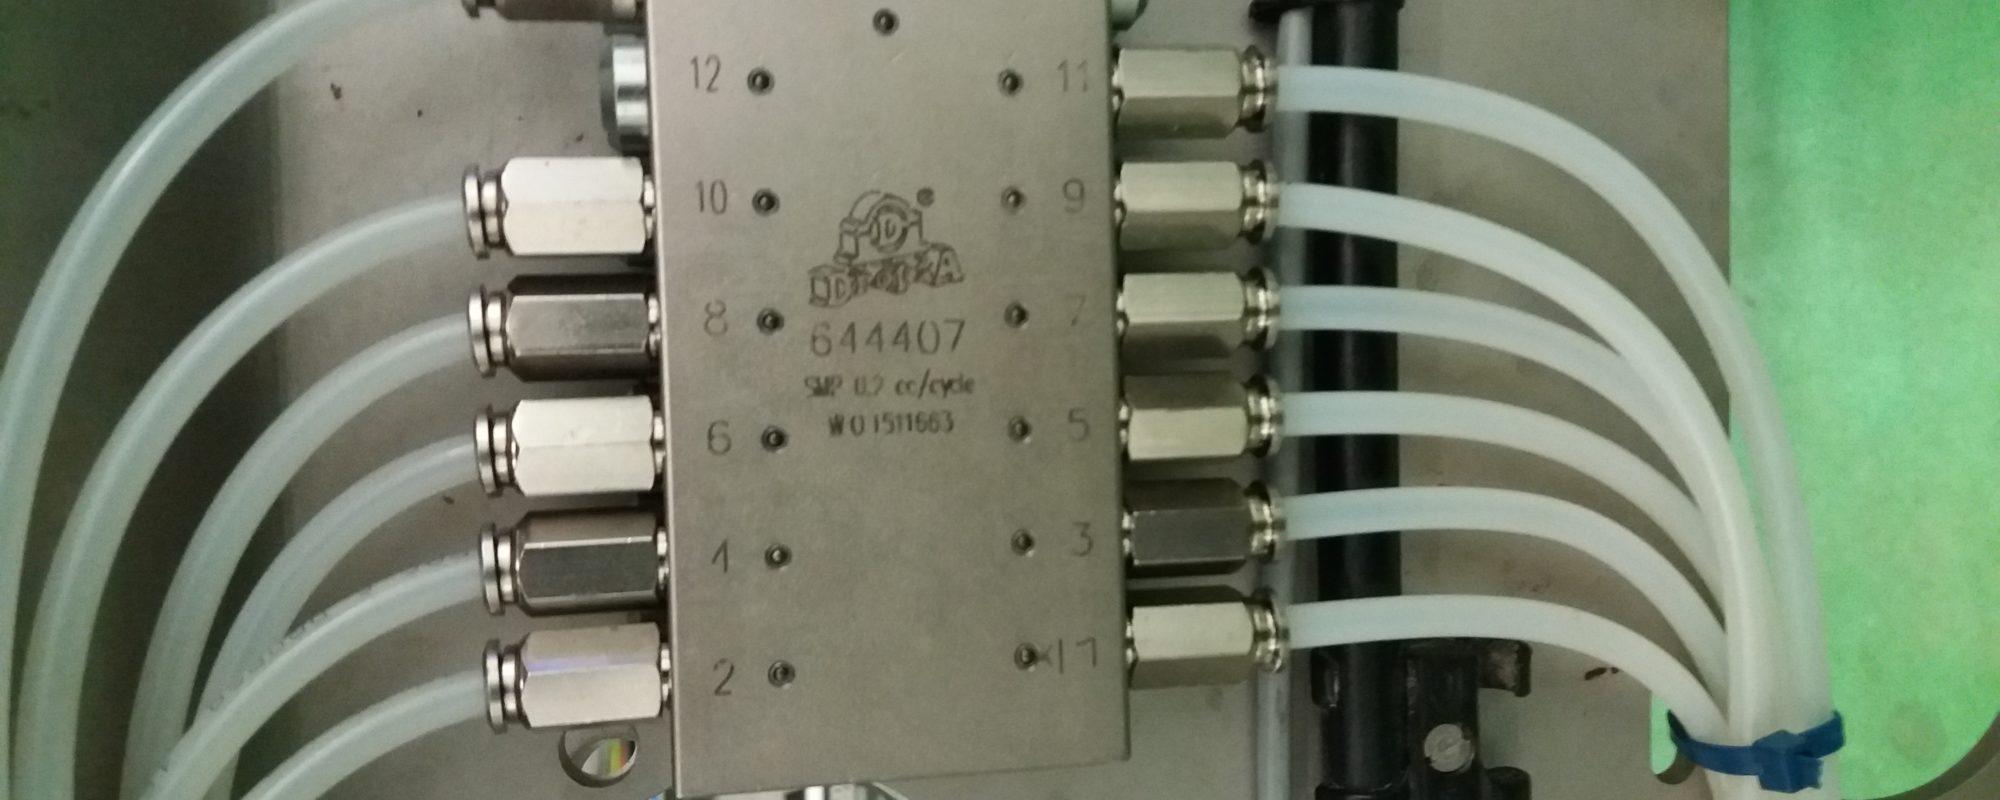 Sistemas de lubricación automática